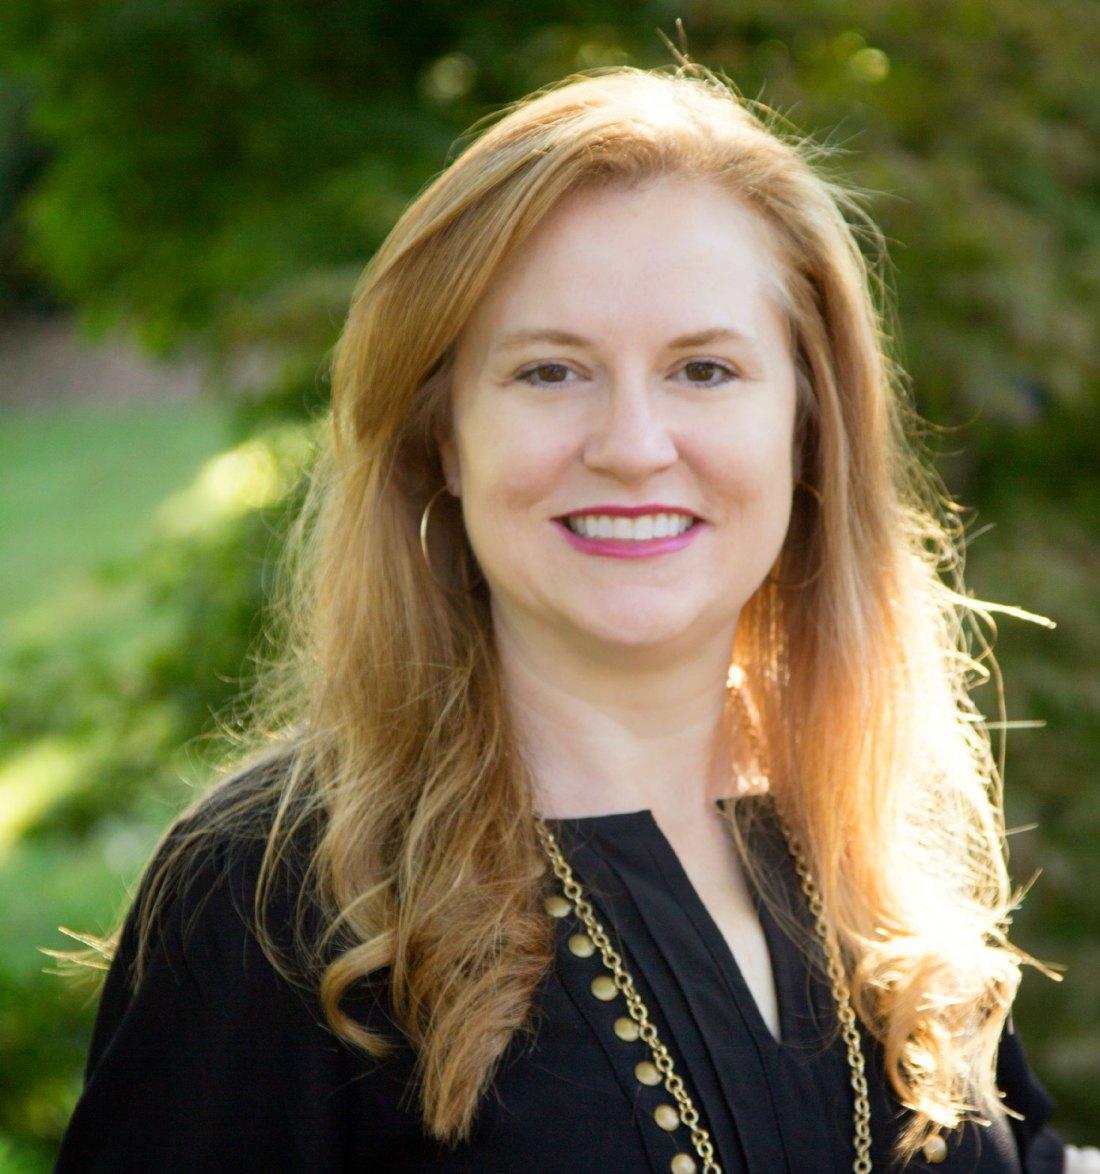 Jennifer Slingerland Ryan